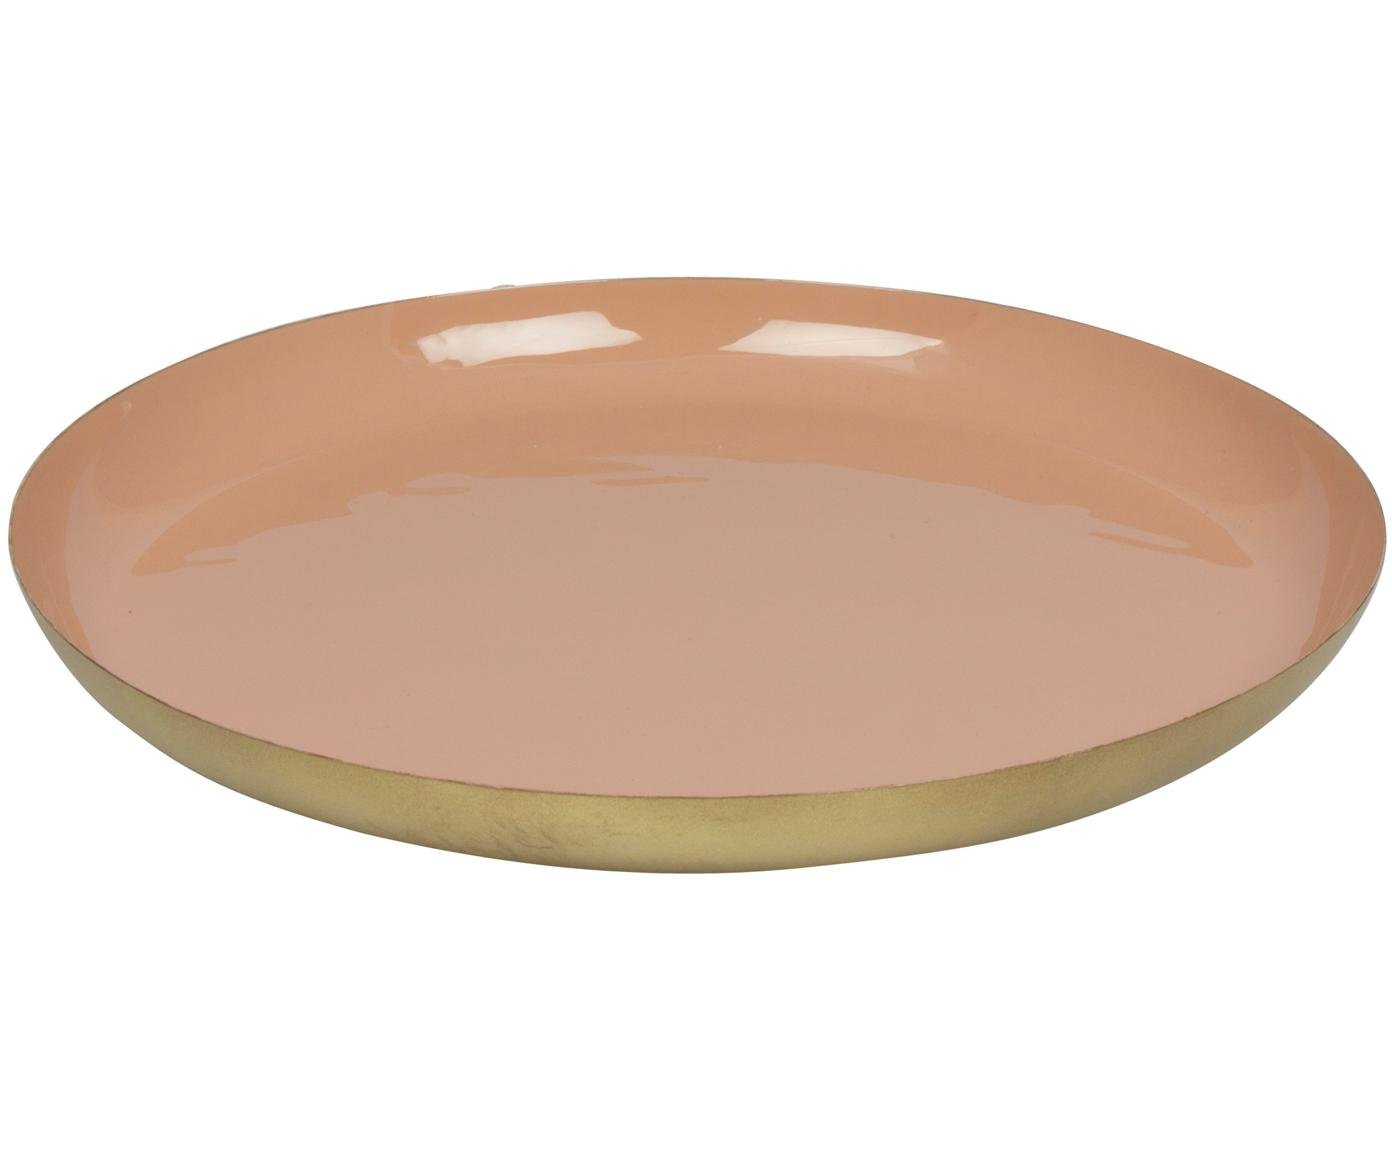 Deko-Tablett Julienne, Metall, beschichtet, Innen: Pink Außen: Goldfarben, Ø 29 x H 3 cm